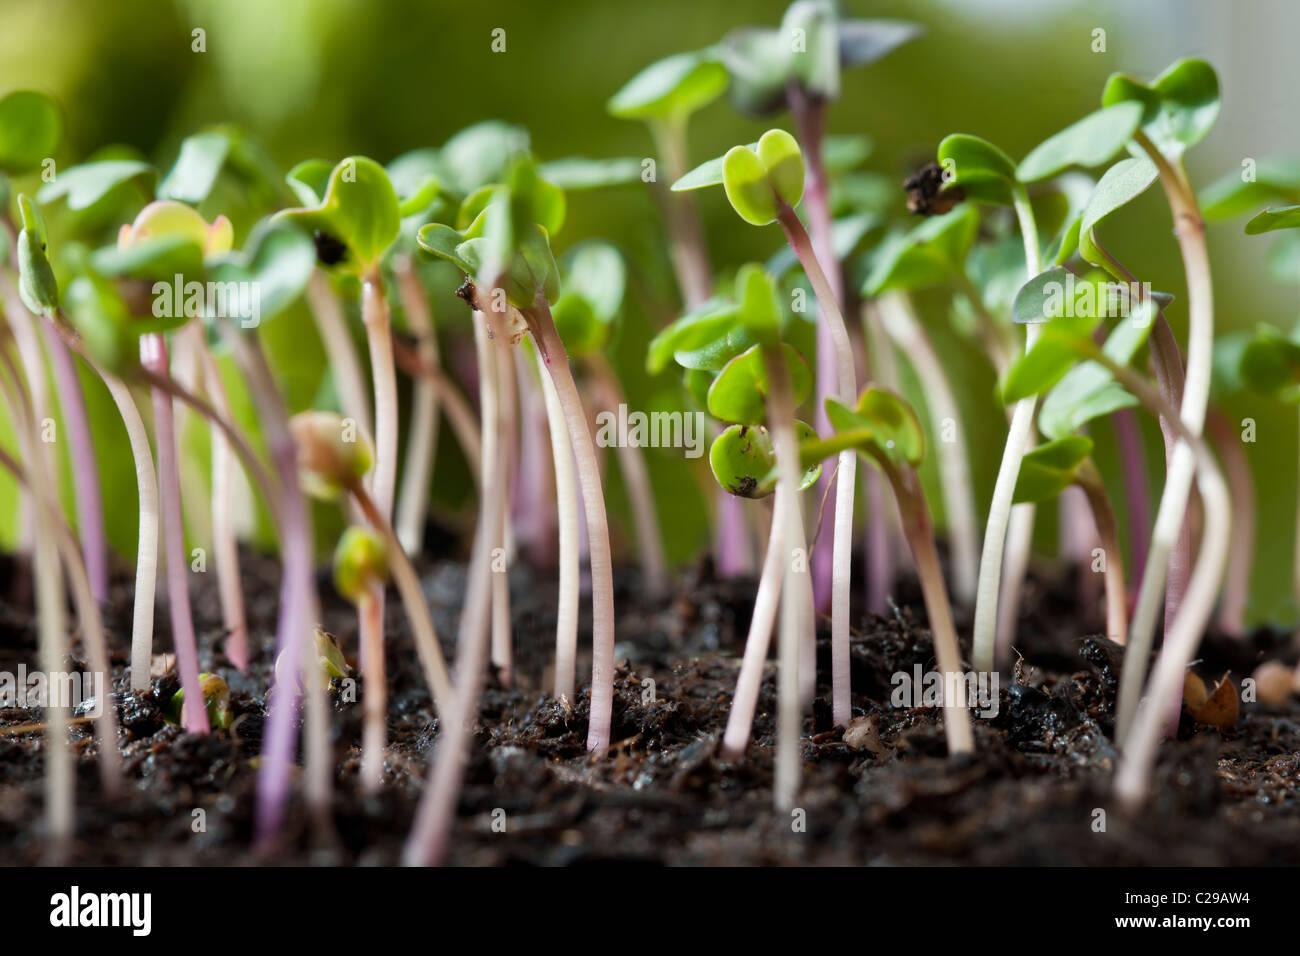 Radish Flamboyant Sabina Raphanus sativus seedlings grow sprouing soil edible kitchen garden plant winter spring - Stock Image